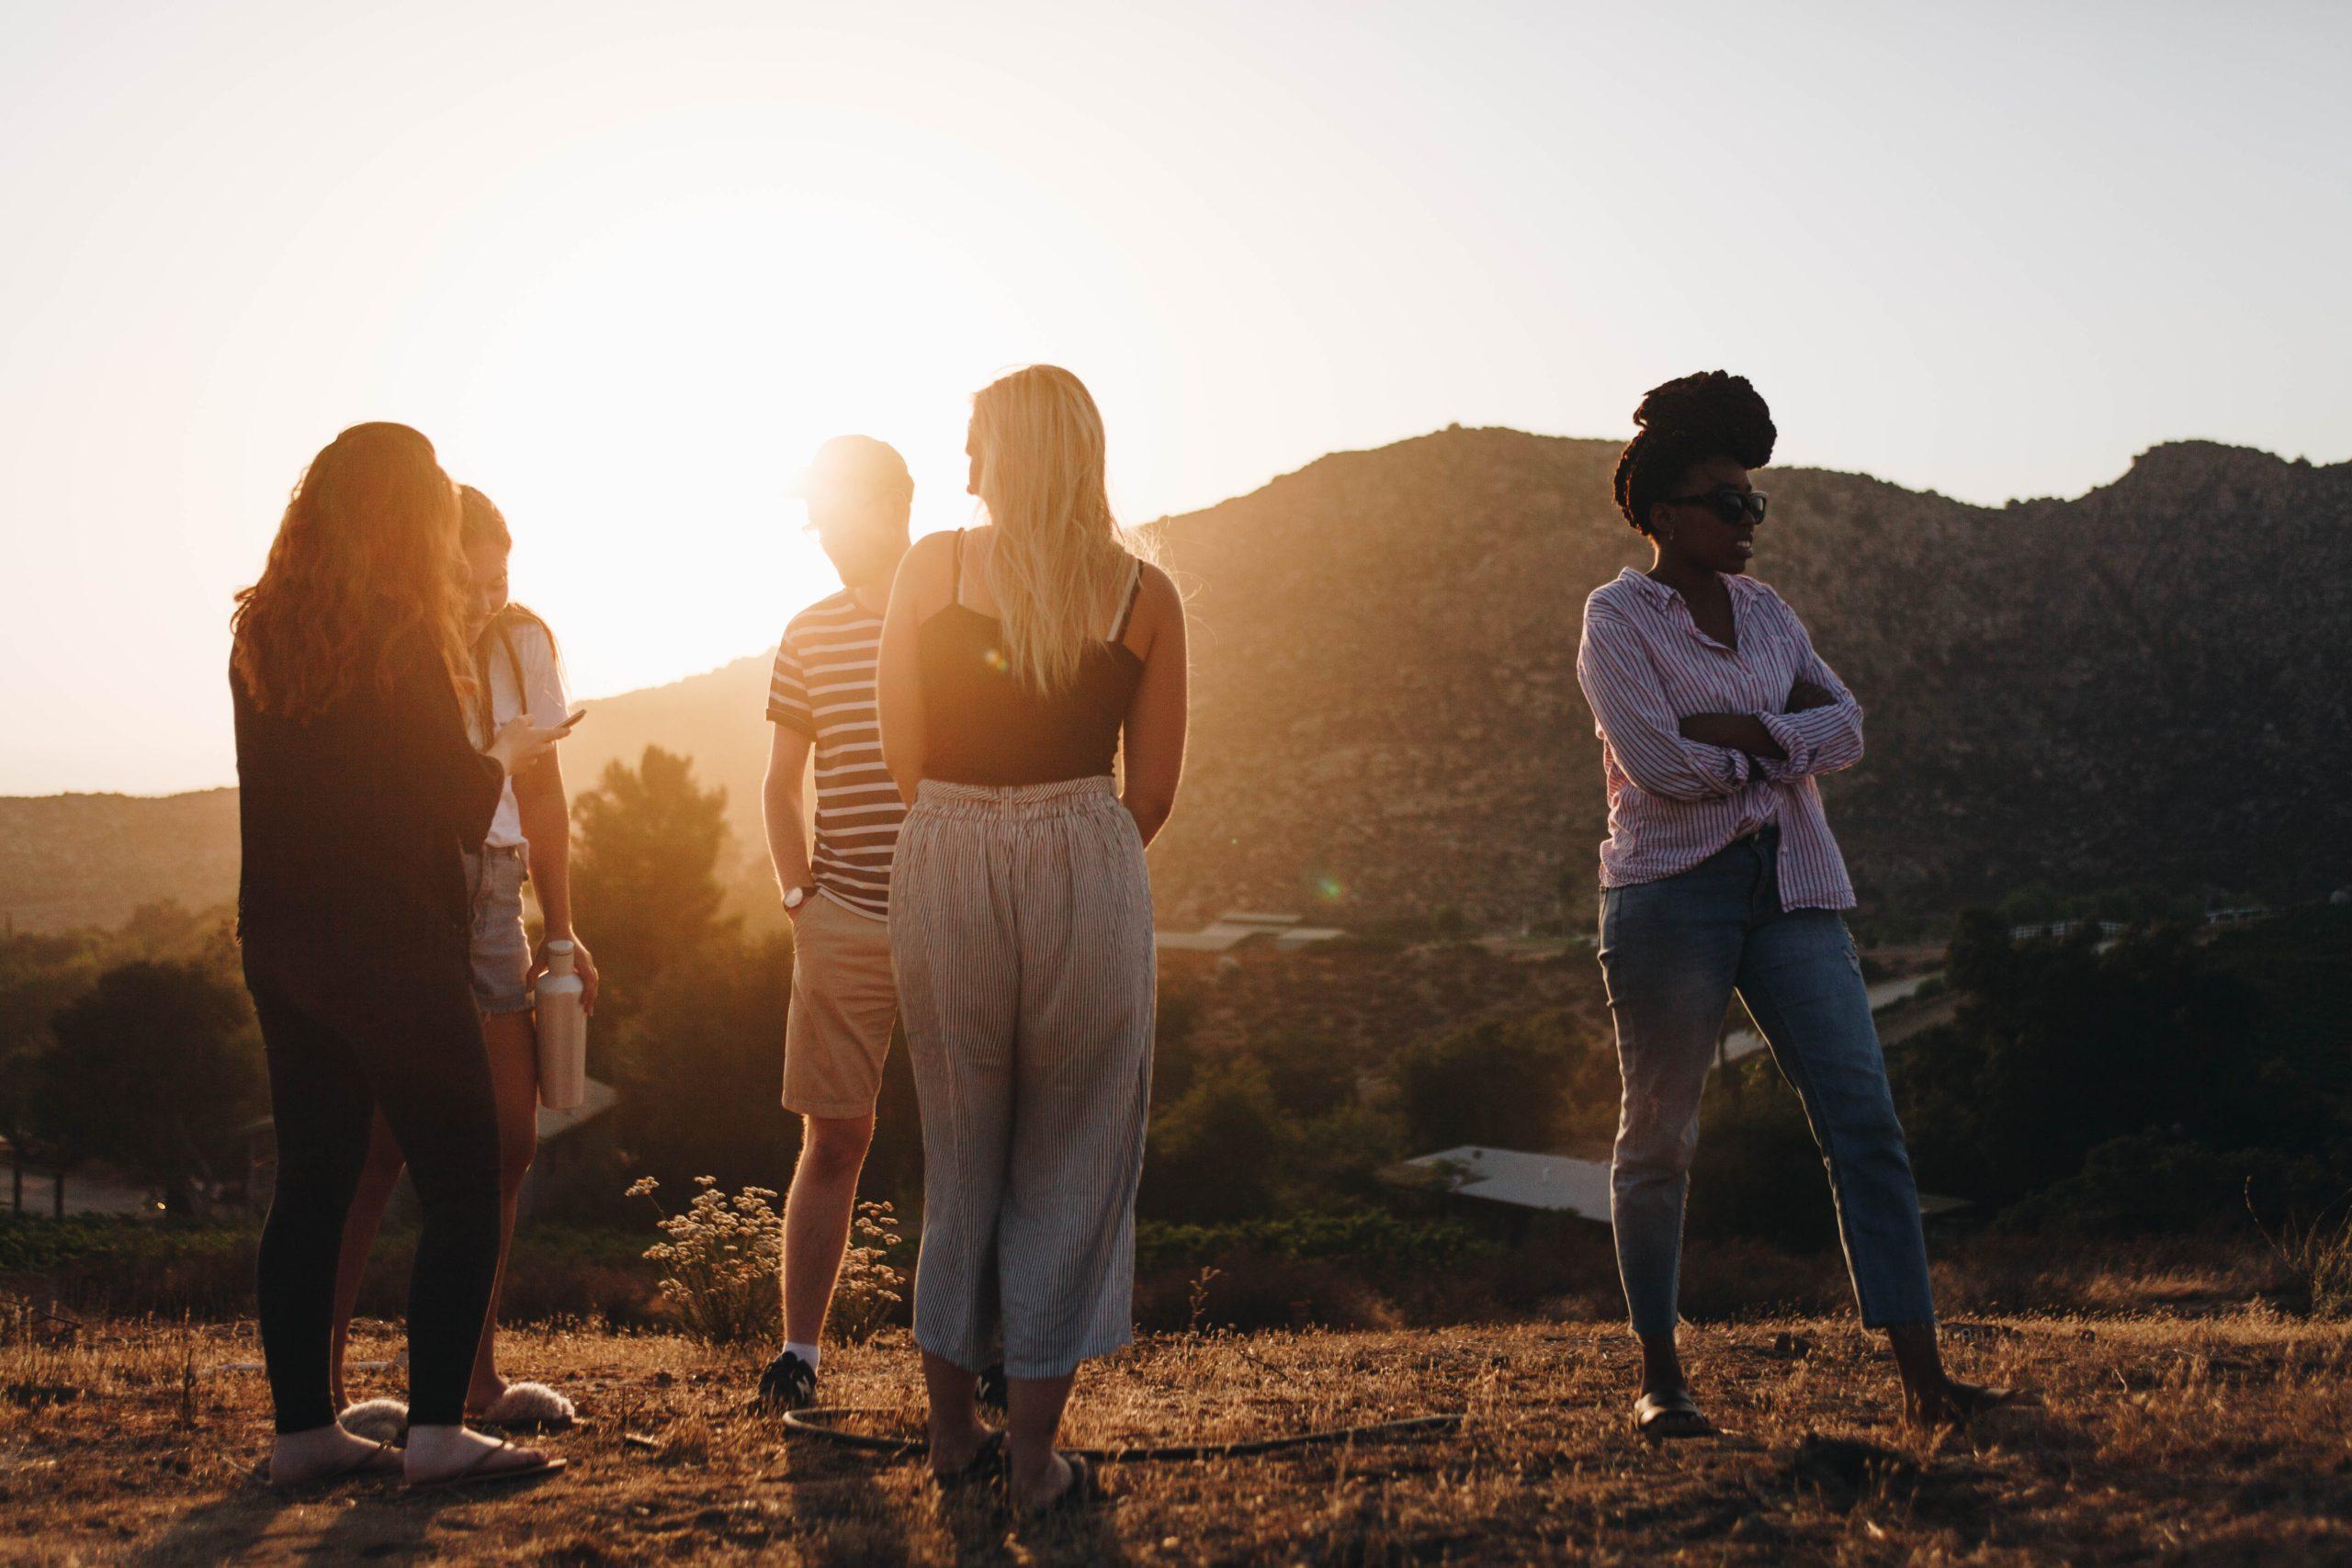 Des amis proches - se faire des amis quand on est introverti